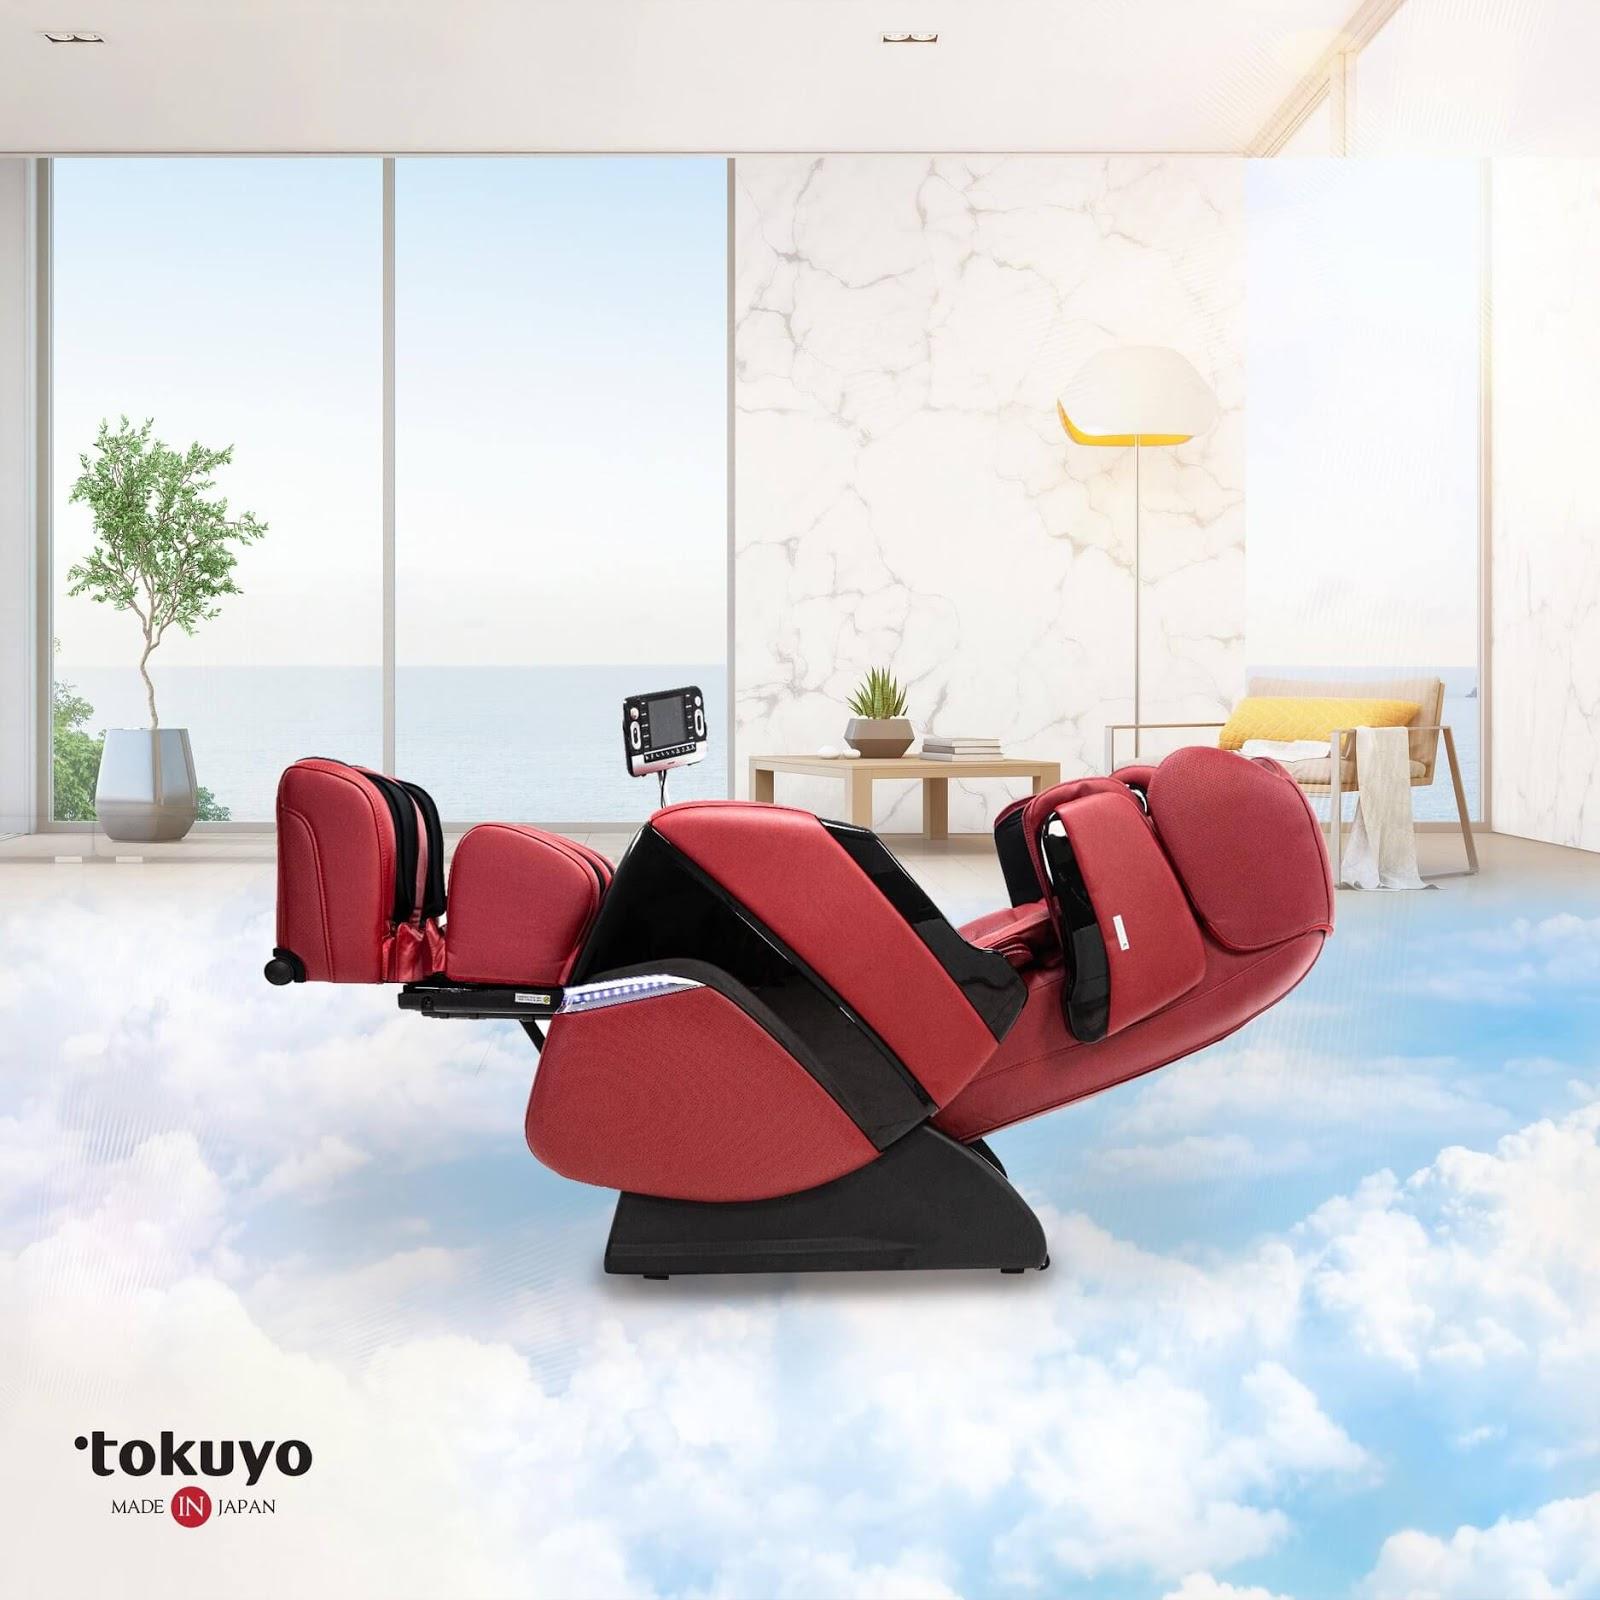 لوکس ترین صندلی ماساژ توکیو چه چیز استثنایی دارد؟  2